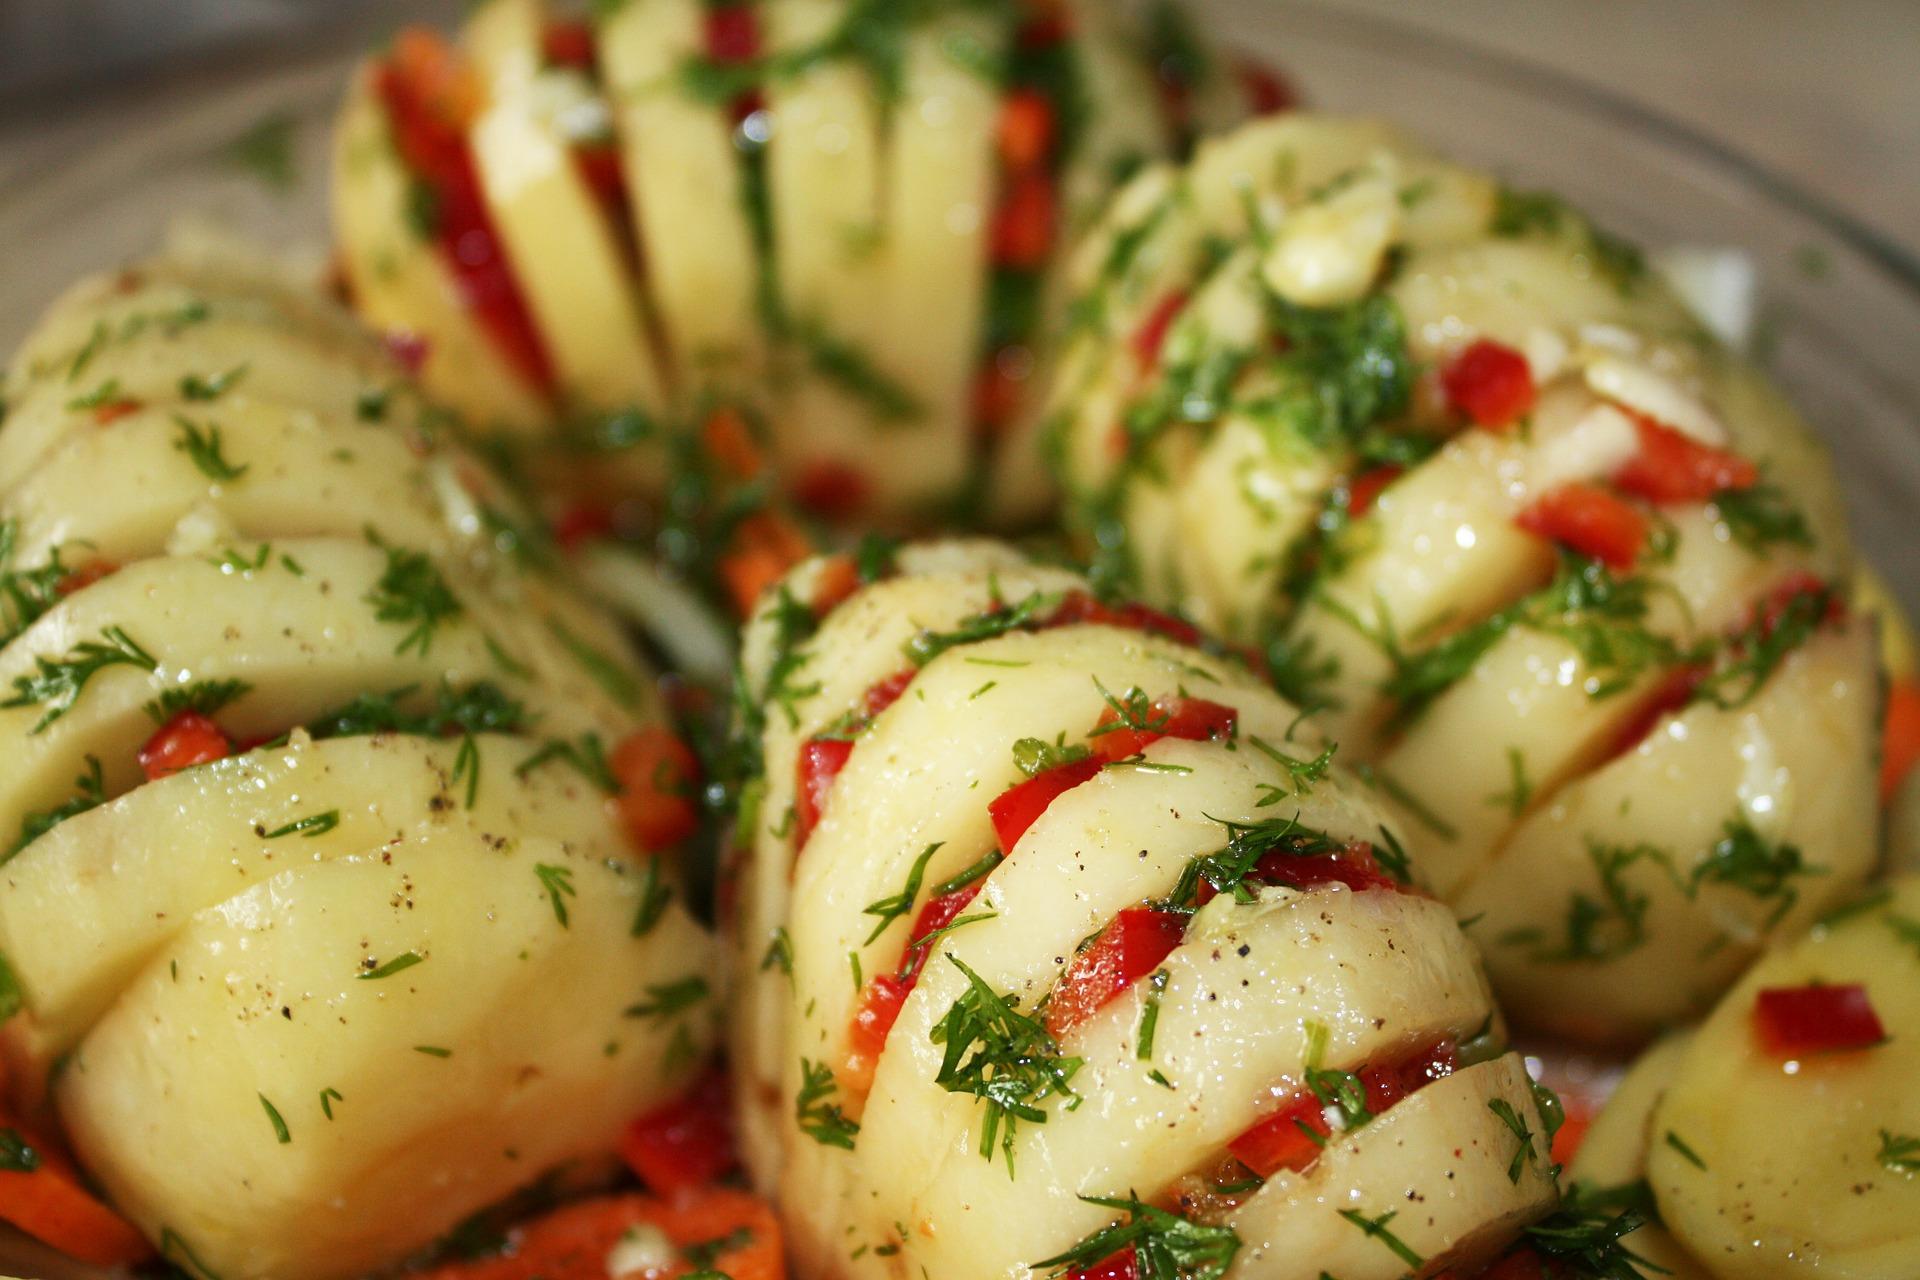 Гармошки можно сделать цветными, положив в прорези овощи разных цветов